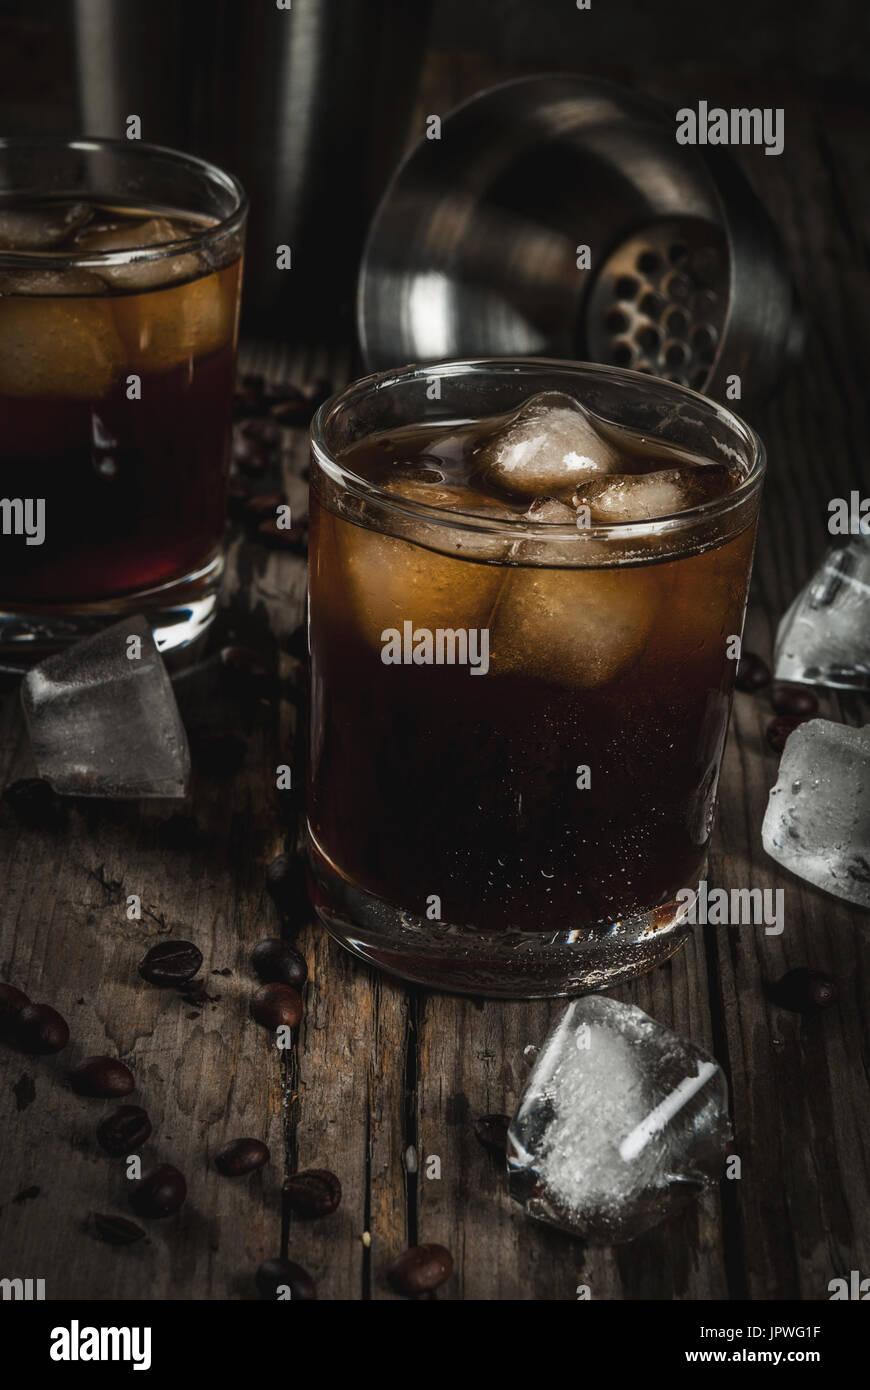 Alkohol. Getränke, versoffene Black Russian cocktail mit Wodka und ...